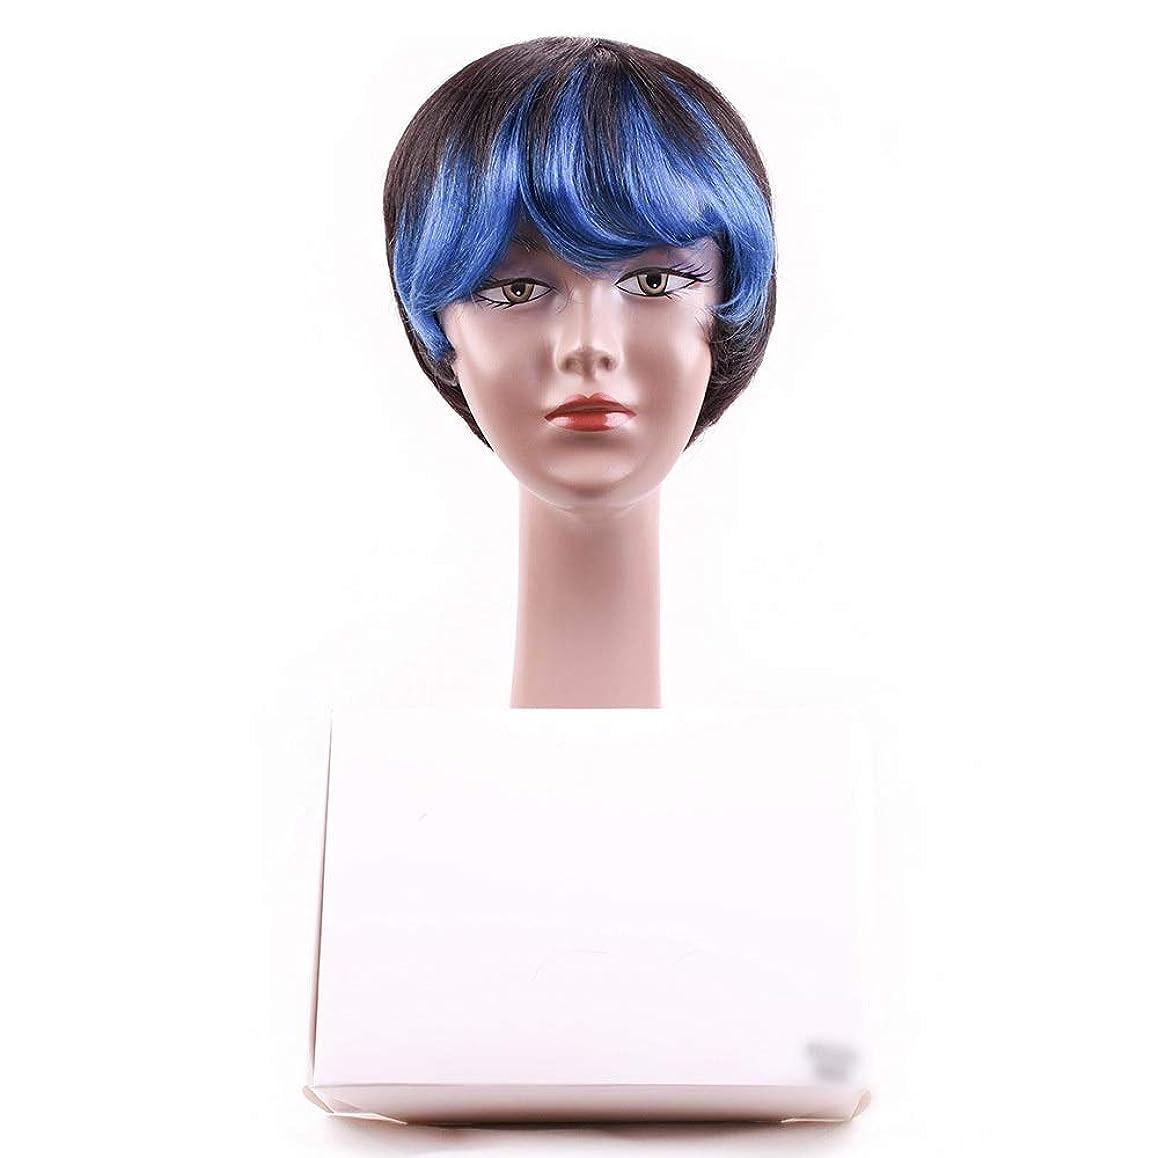 その他持っている行動Mayalina 女性の人間の髪の毛ショートボブかつら前髪付きかつらコスプレパーティーかつらロールプレイングかつら女性用かつら (色 : 青)